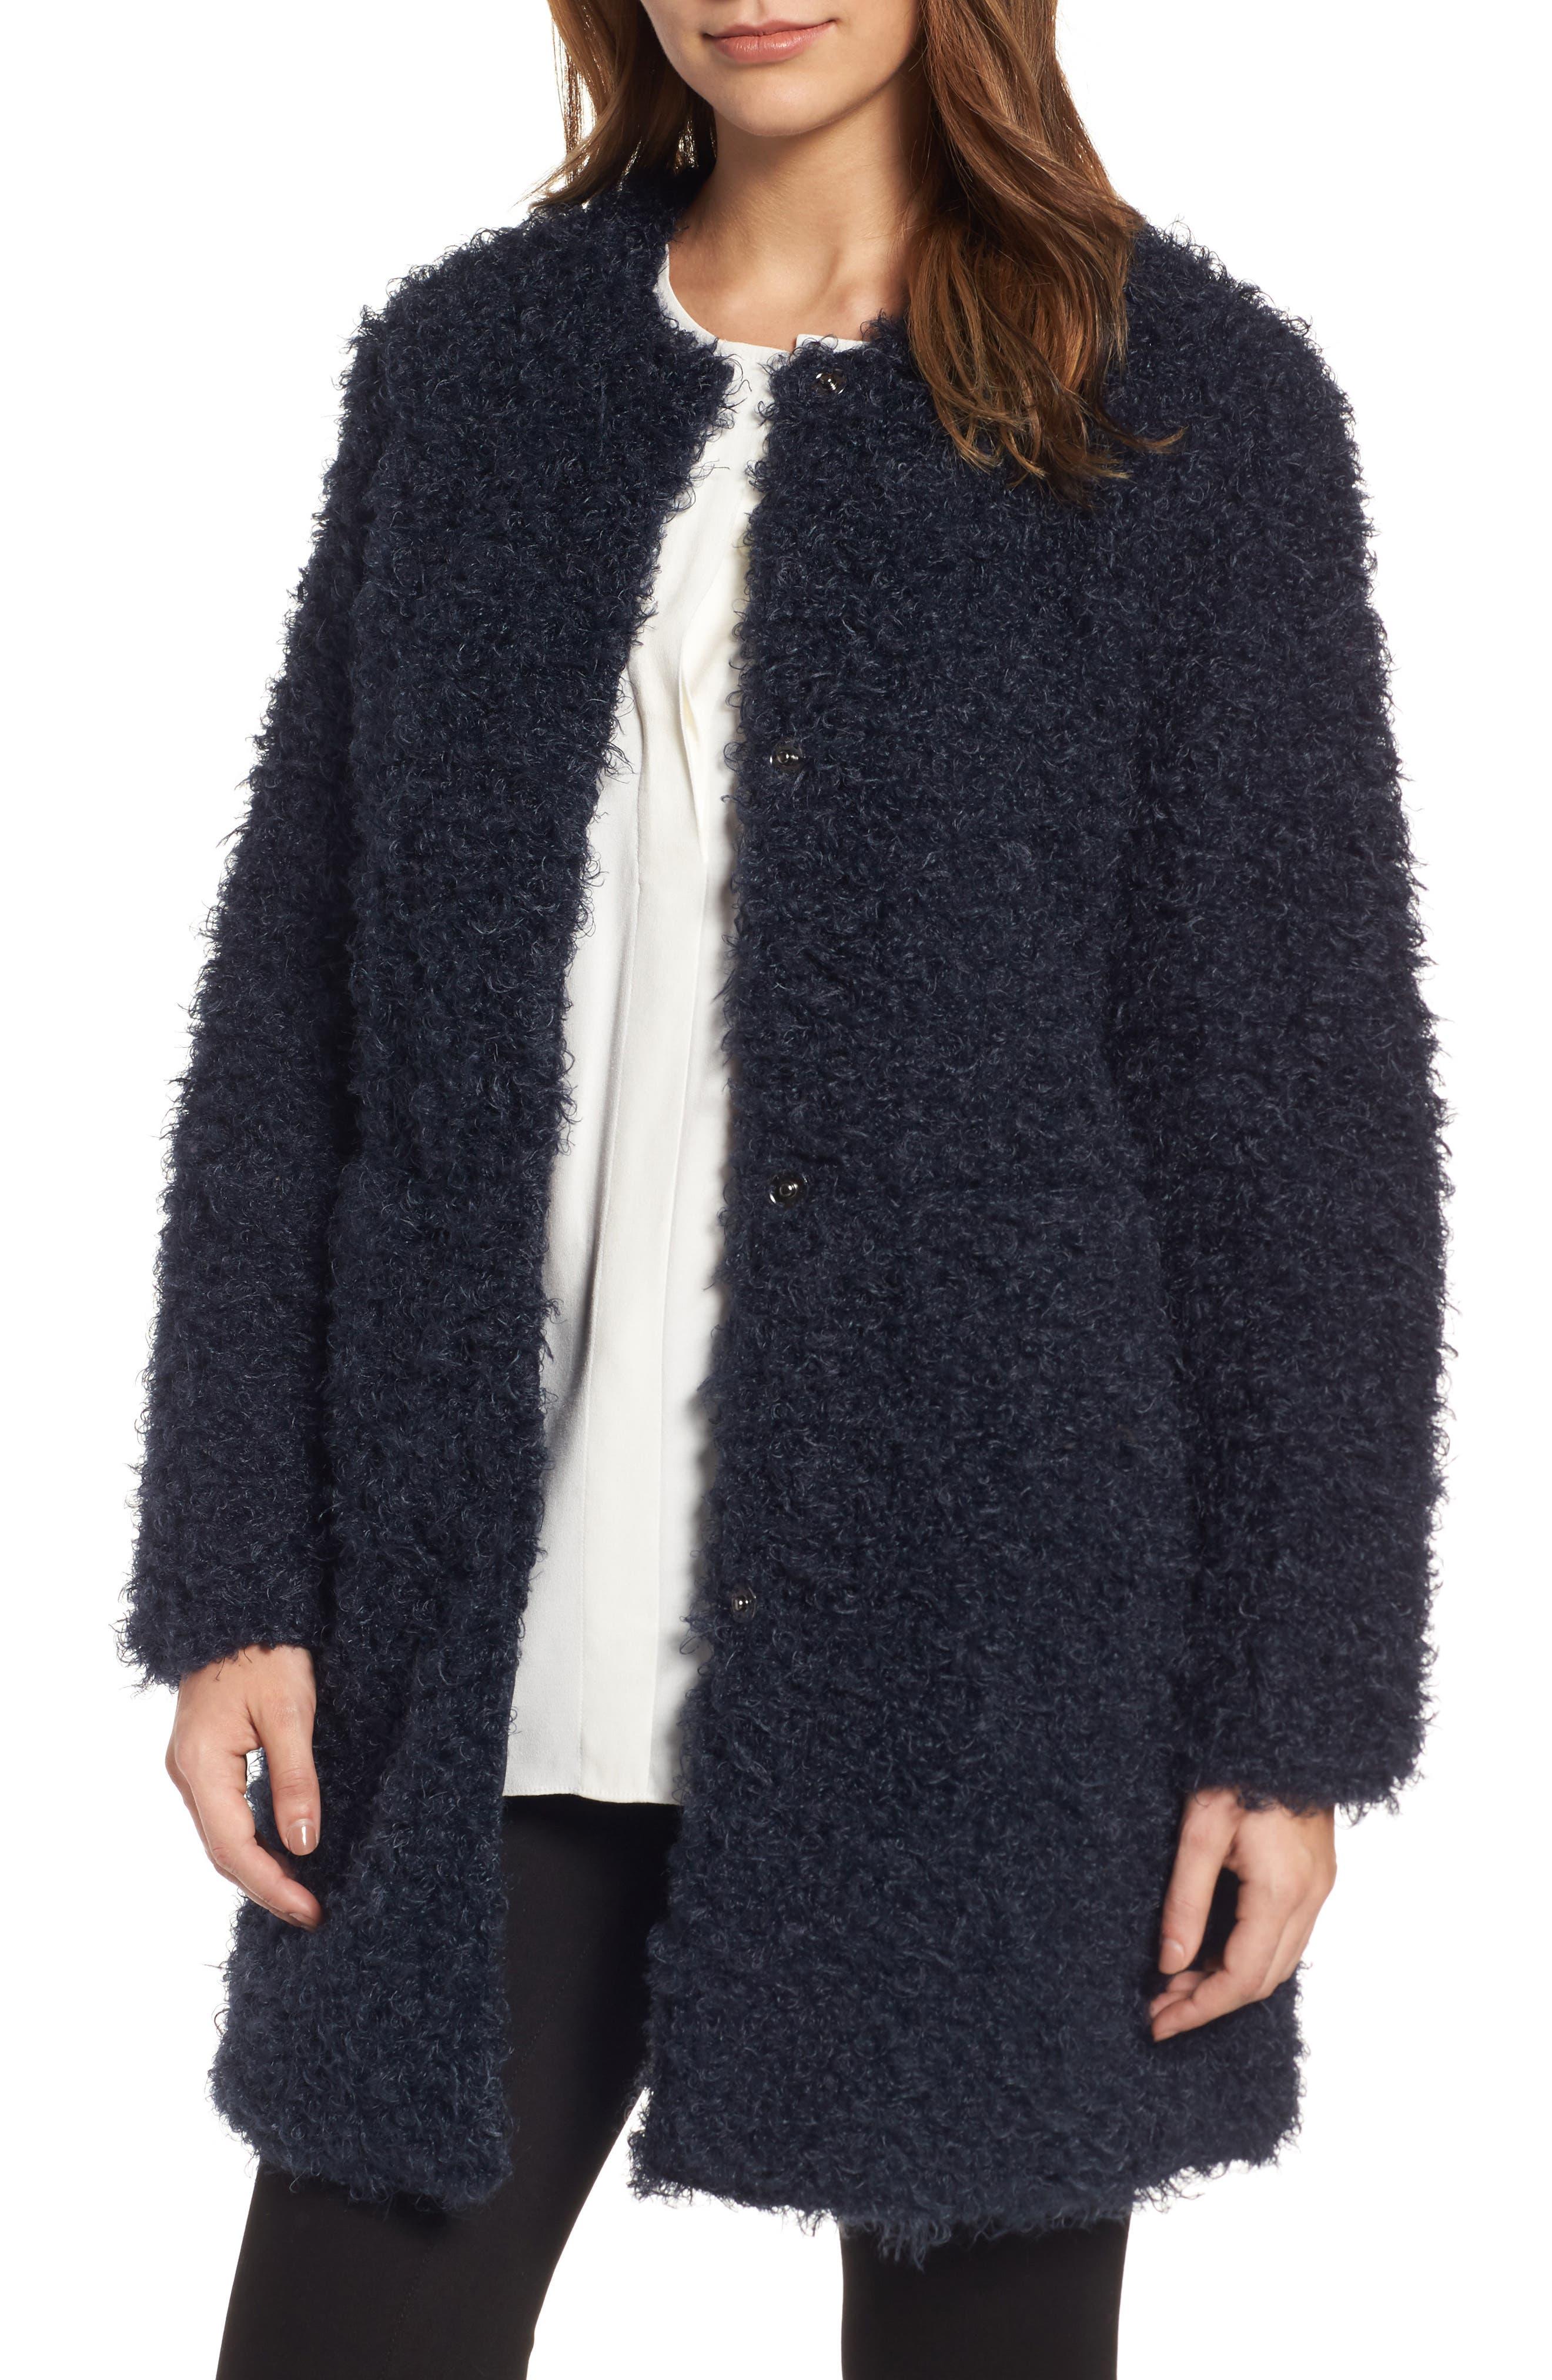 Main Image - Via Spiga Reversible Faux Fur Coat